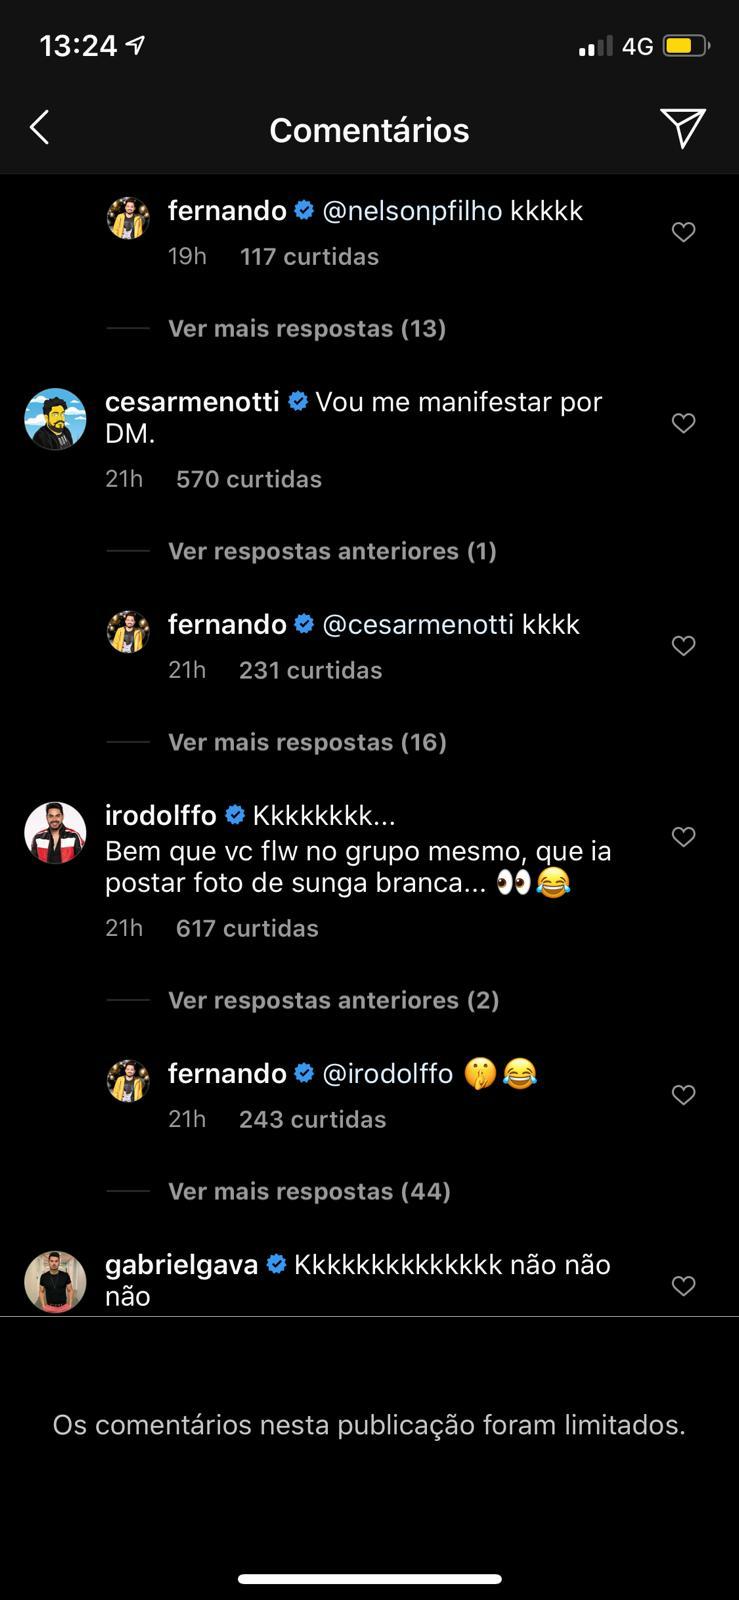 Comentários integram os fãs (Foto: Reprodução/Instagram)